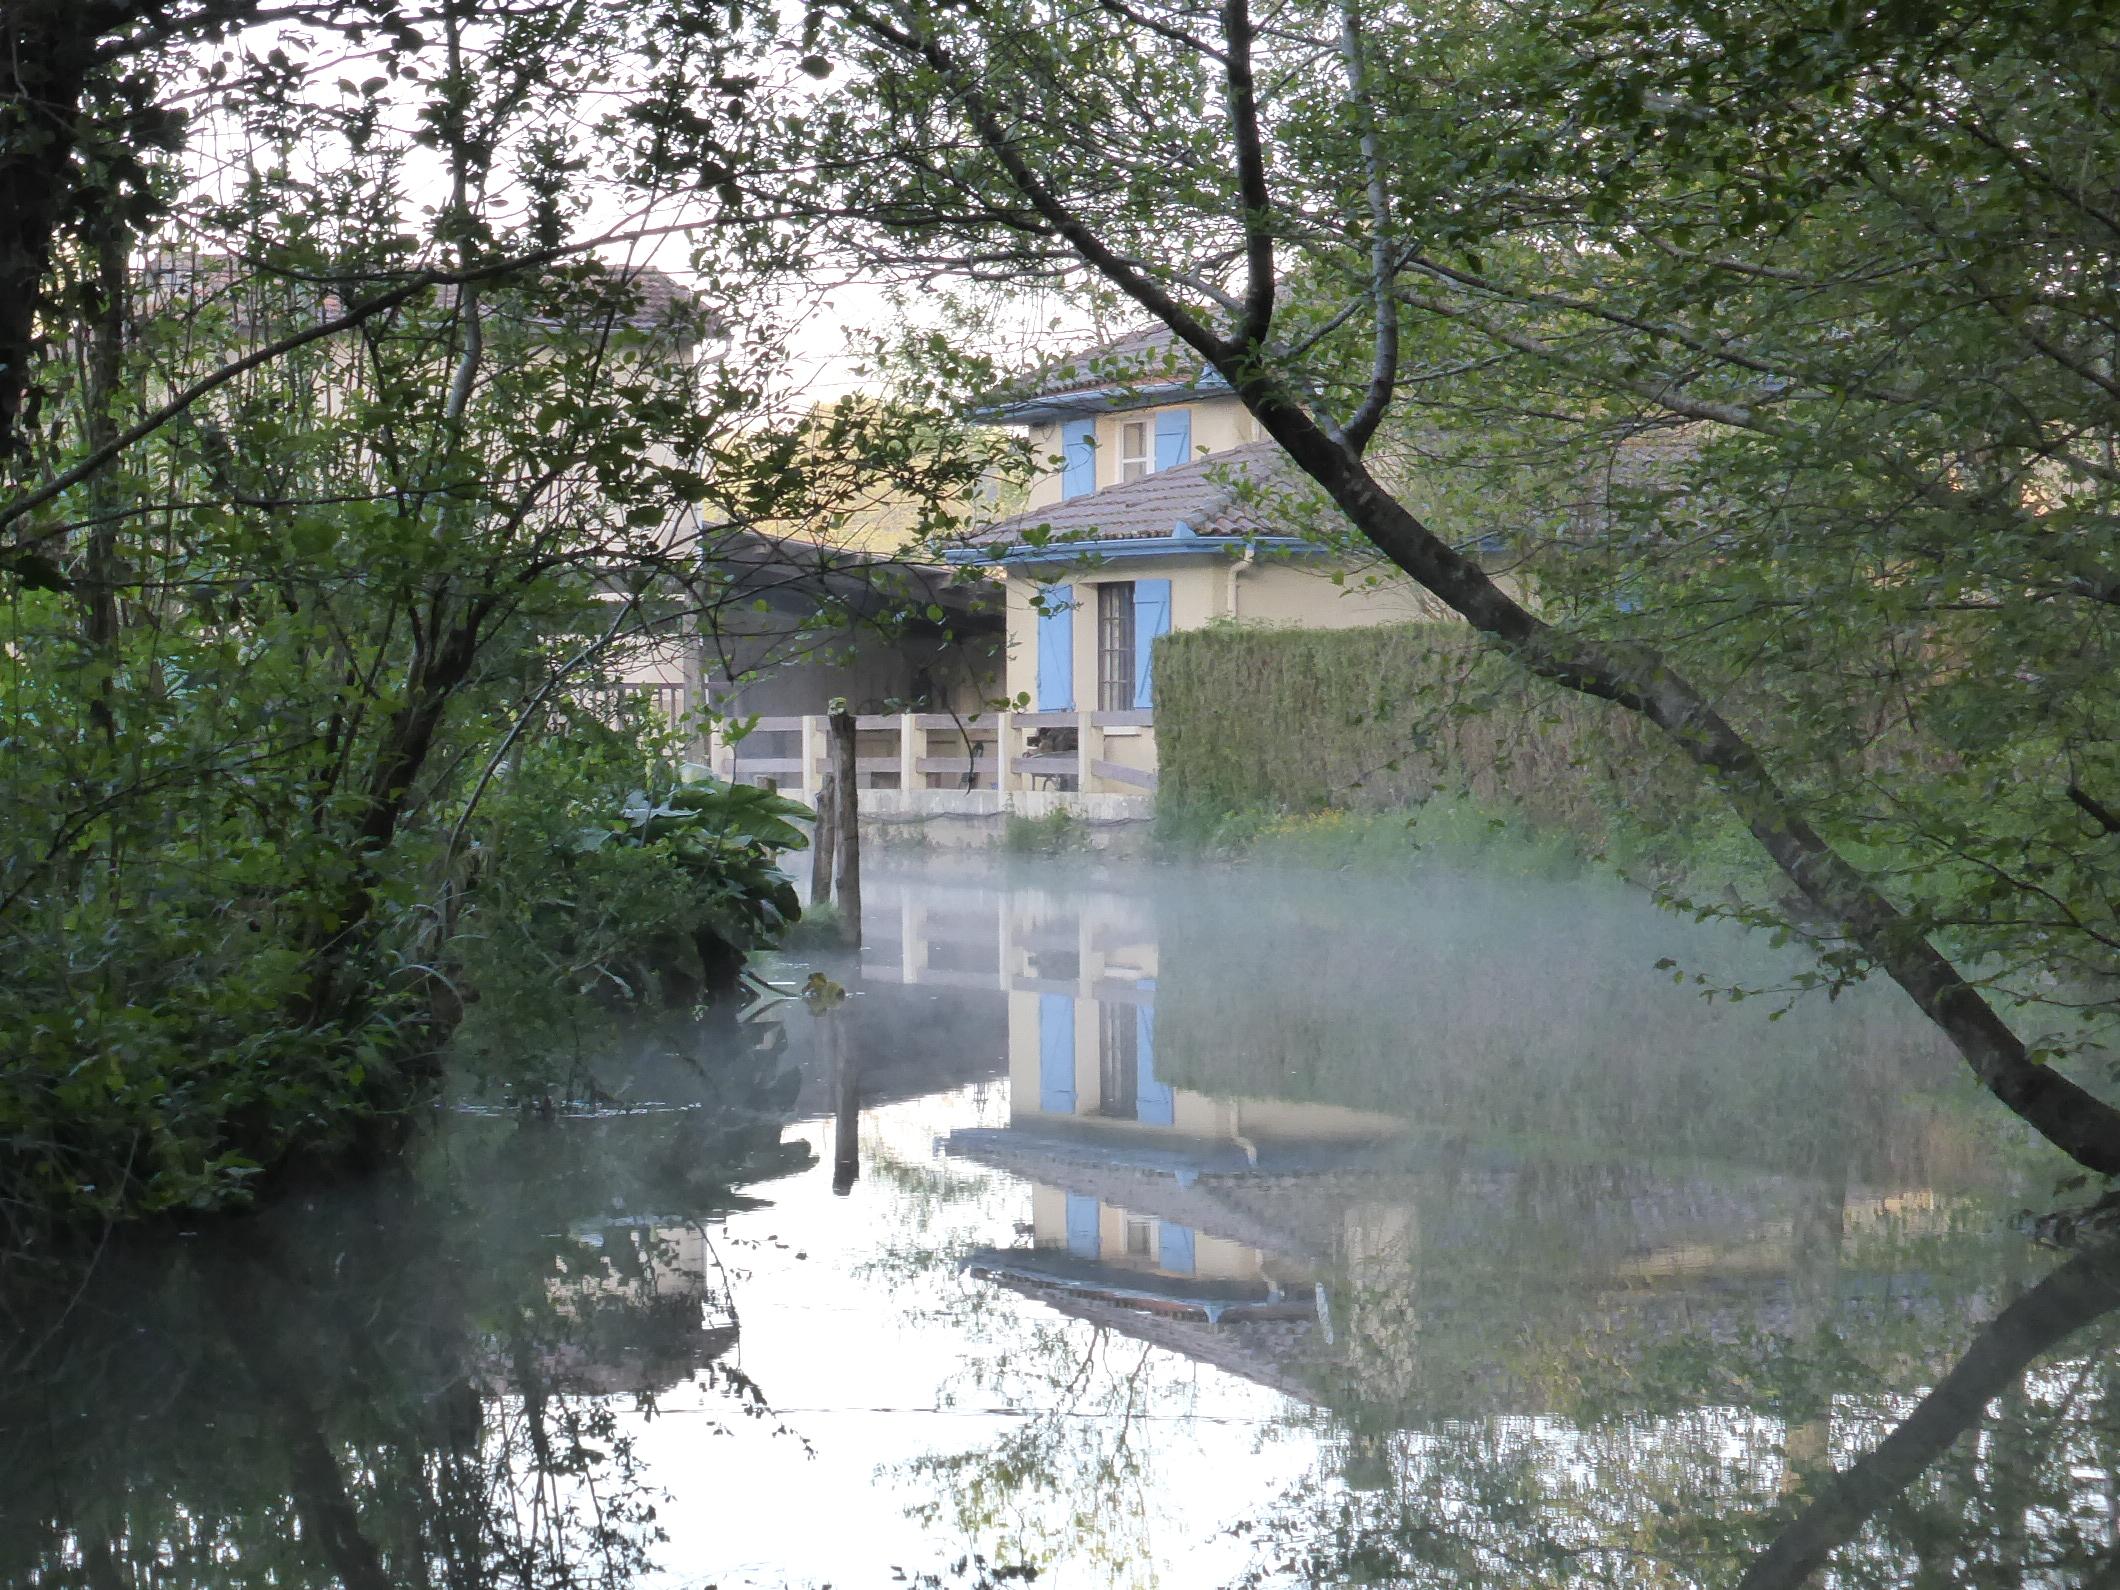 moulin et maison vus de la rivière